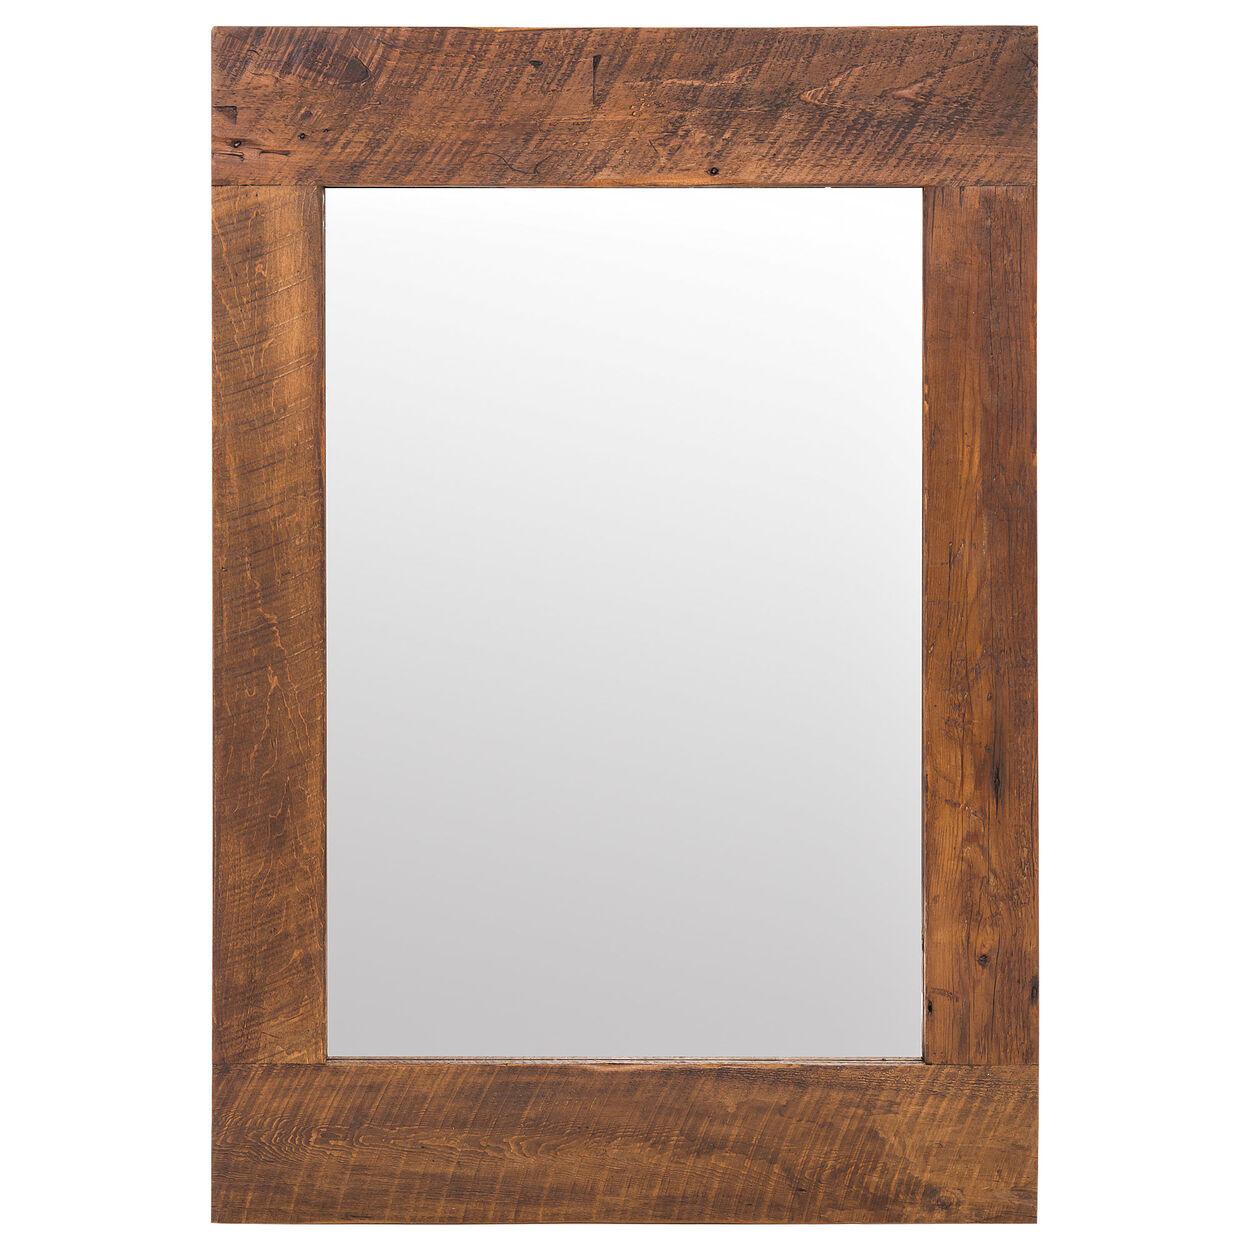 Miroir avec cadre en bois rustique